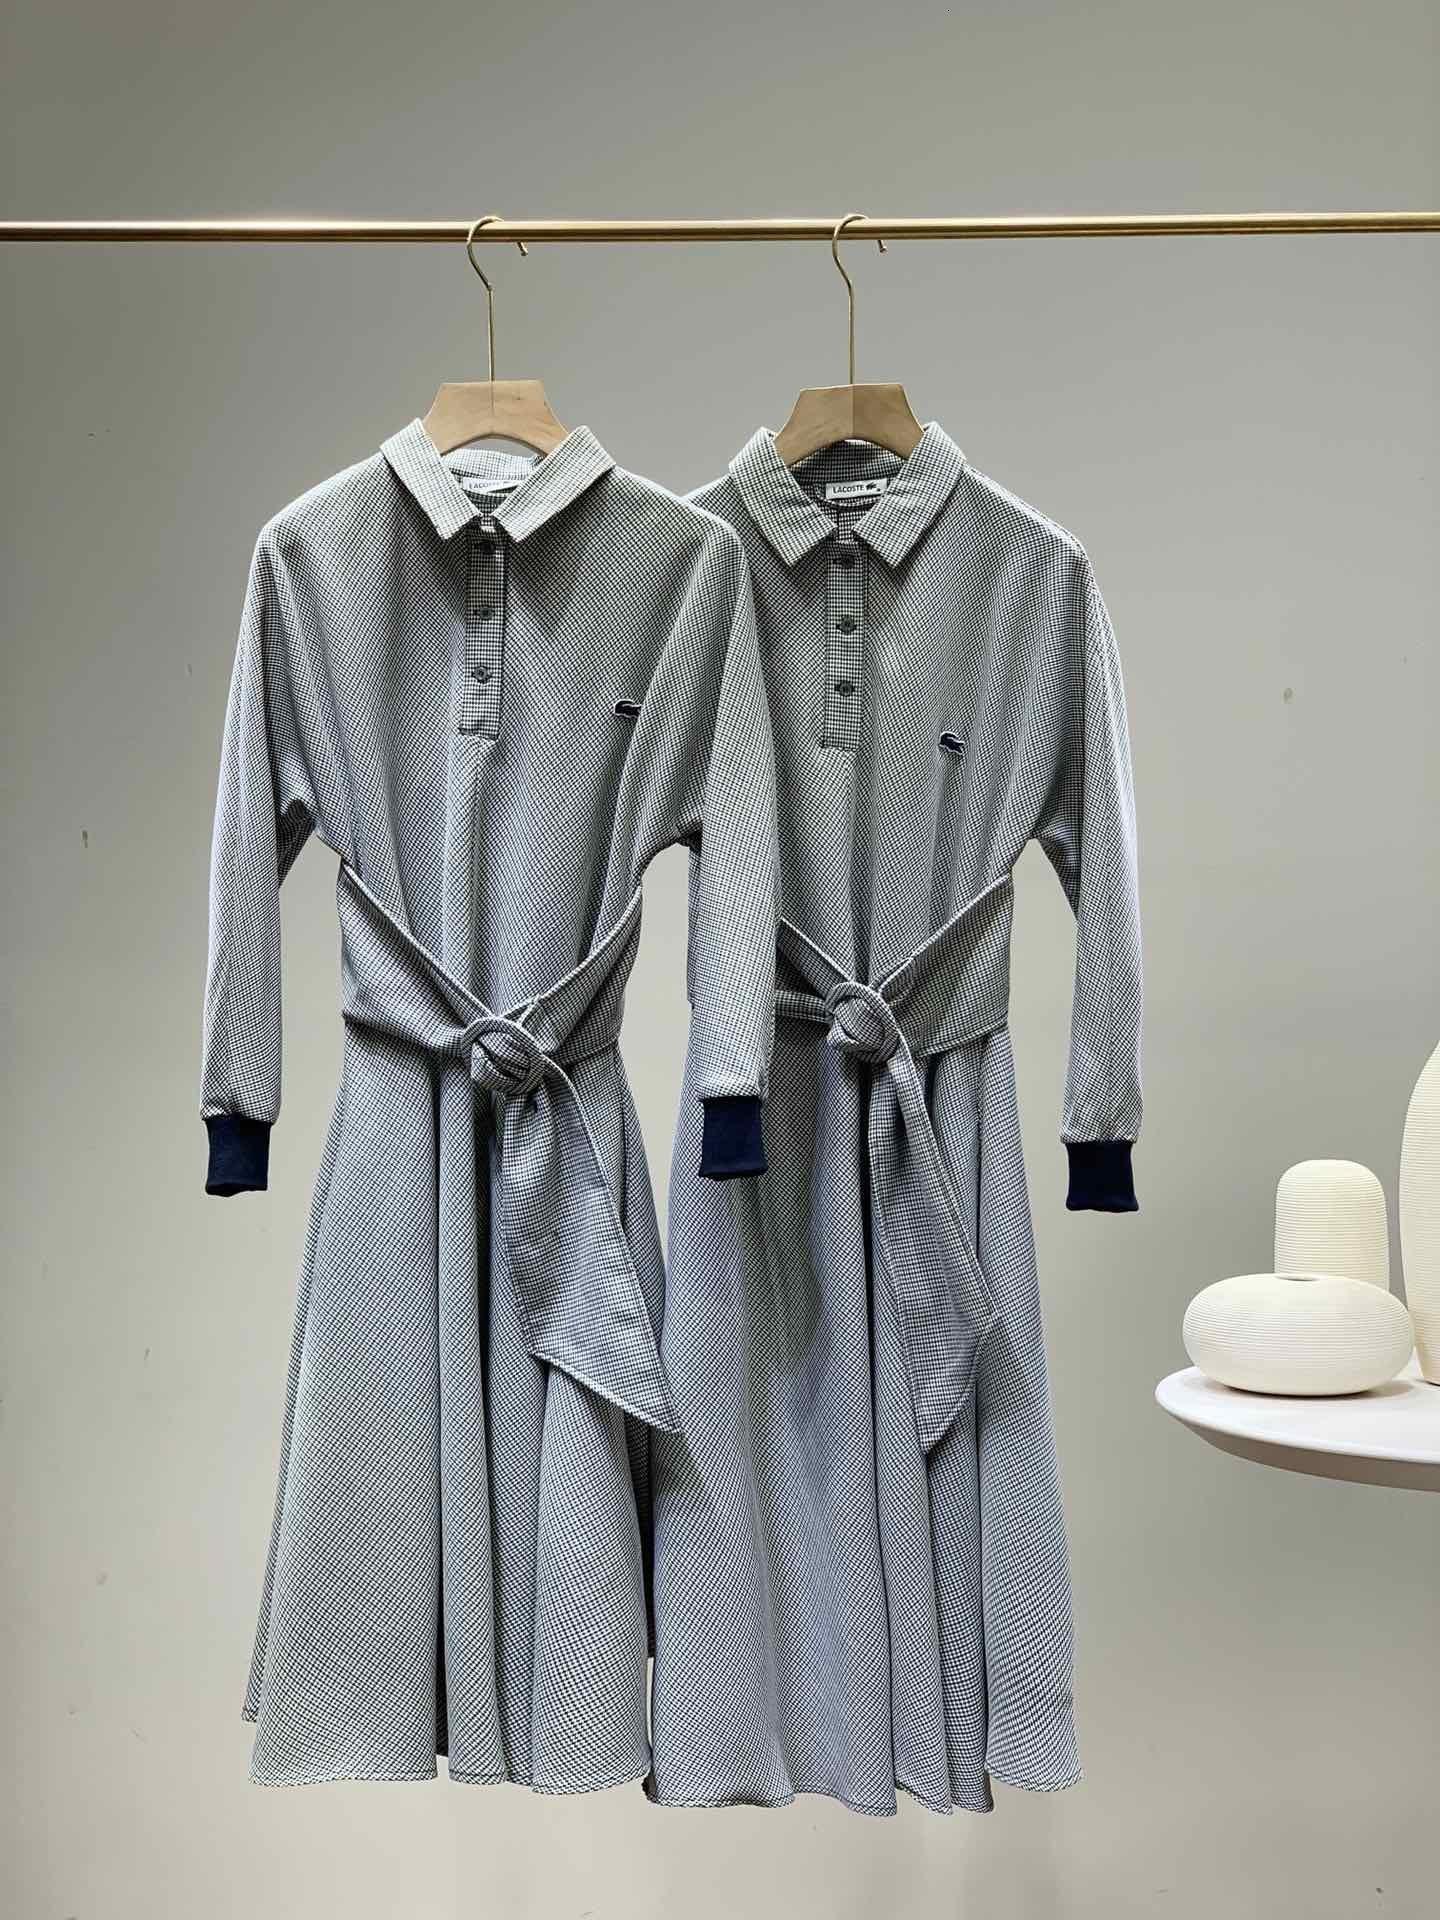 2020 высокое качество женская юбка весна и лето мода платье повседневная удобная женская одежда GQTO